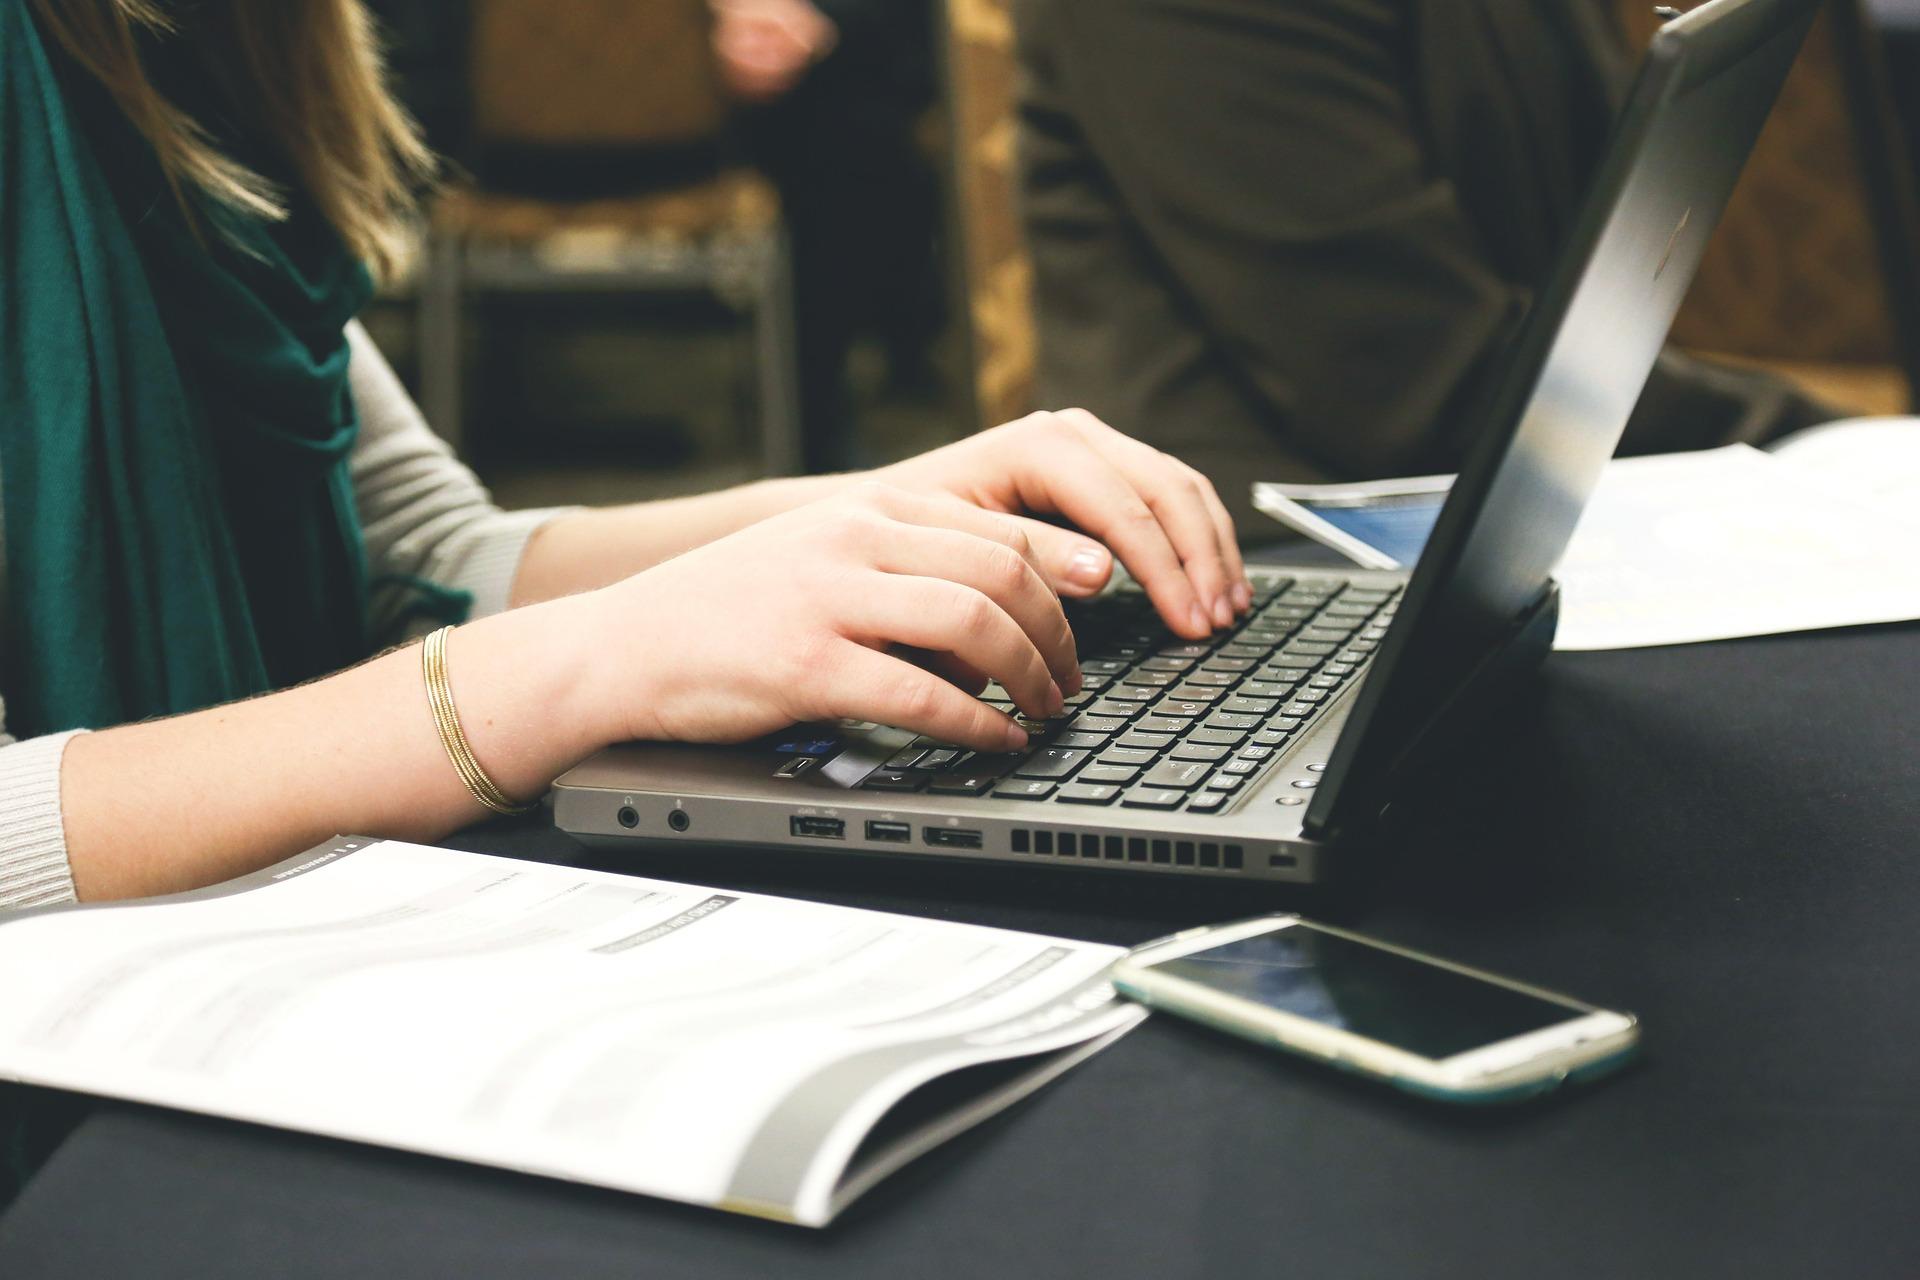 pixabay, narzędzia do komunikacji przy projekcie dla freelancerów i zleceniodawców